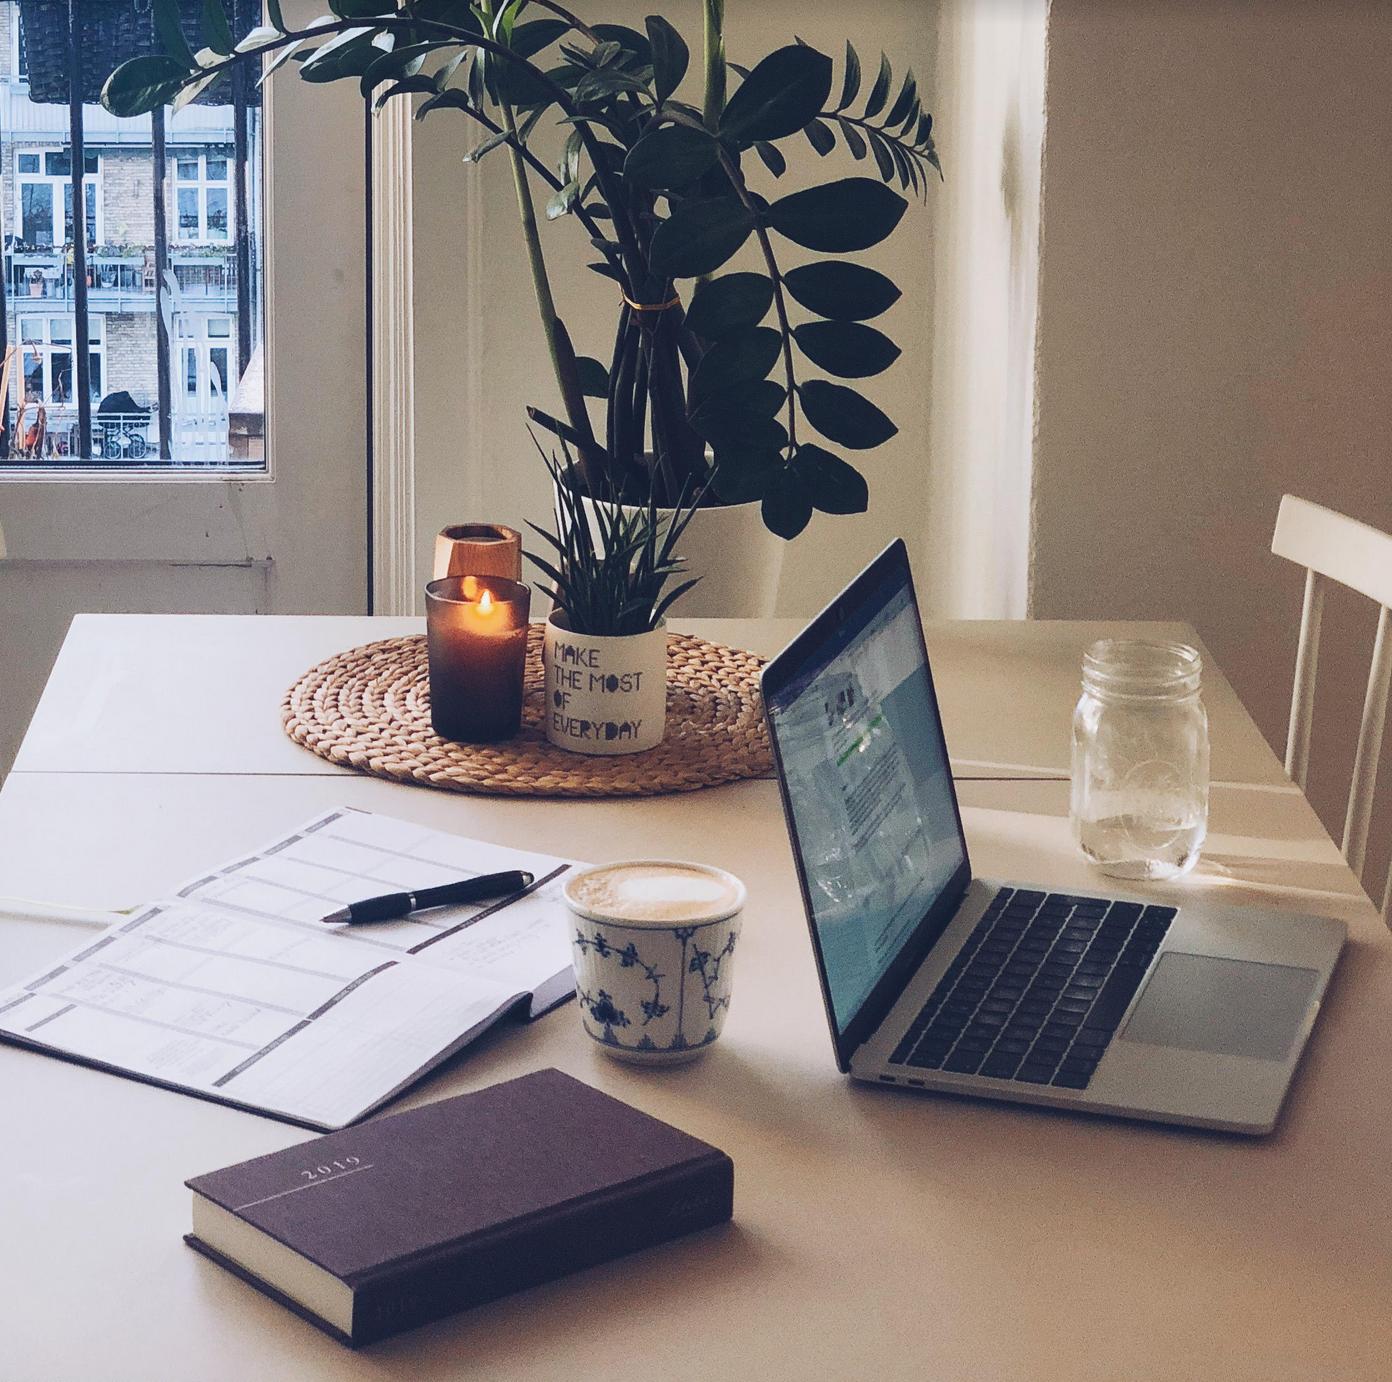 bæredygtigt kontor og nyheder til foråret 2019